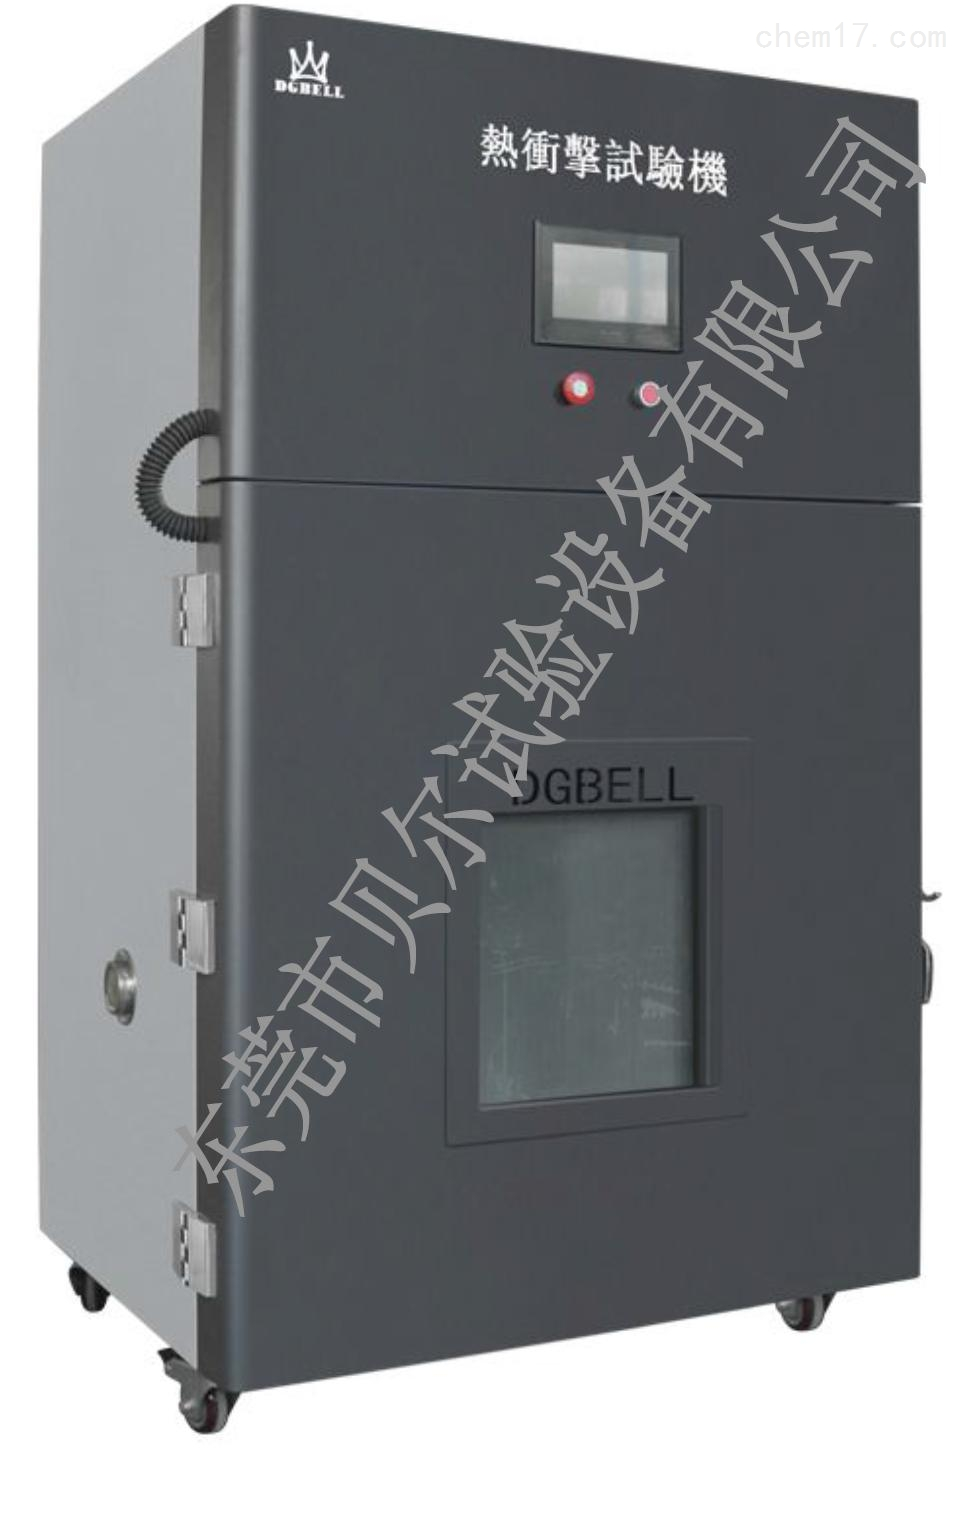 GB31241熱濫用試驗裝置